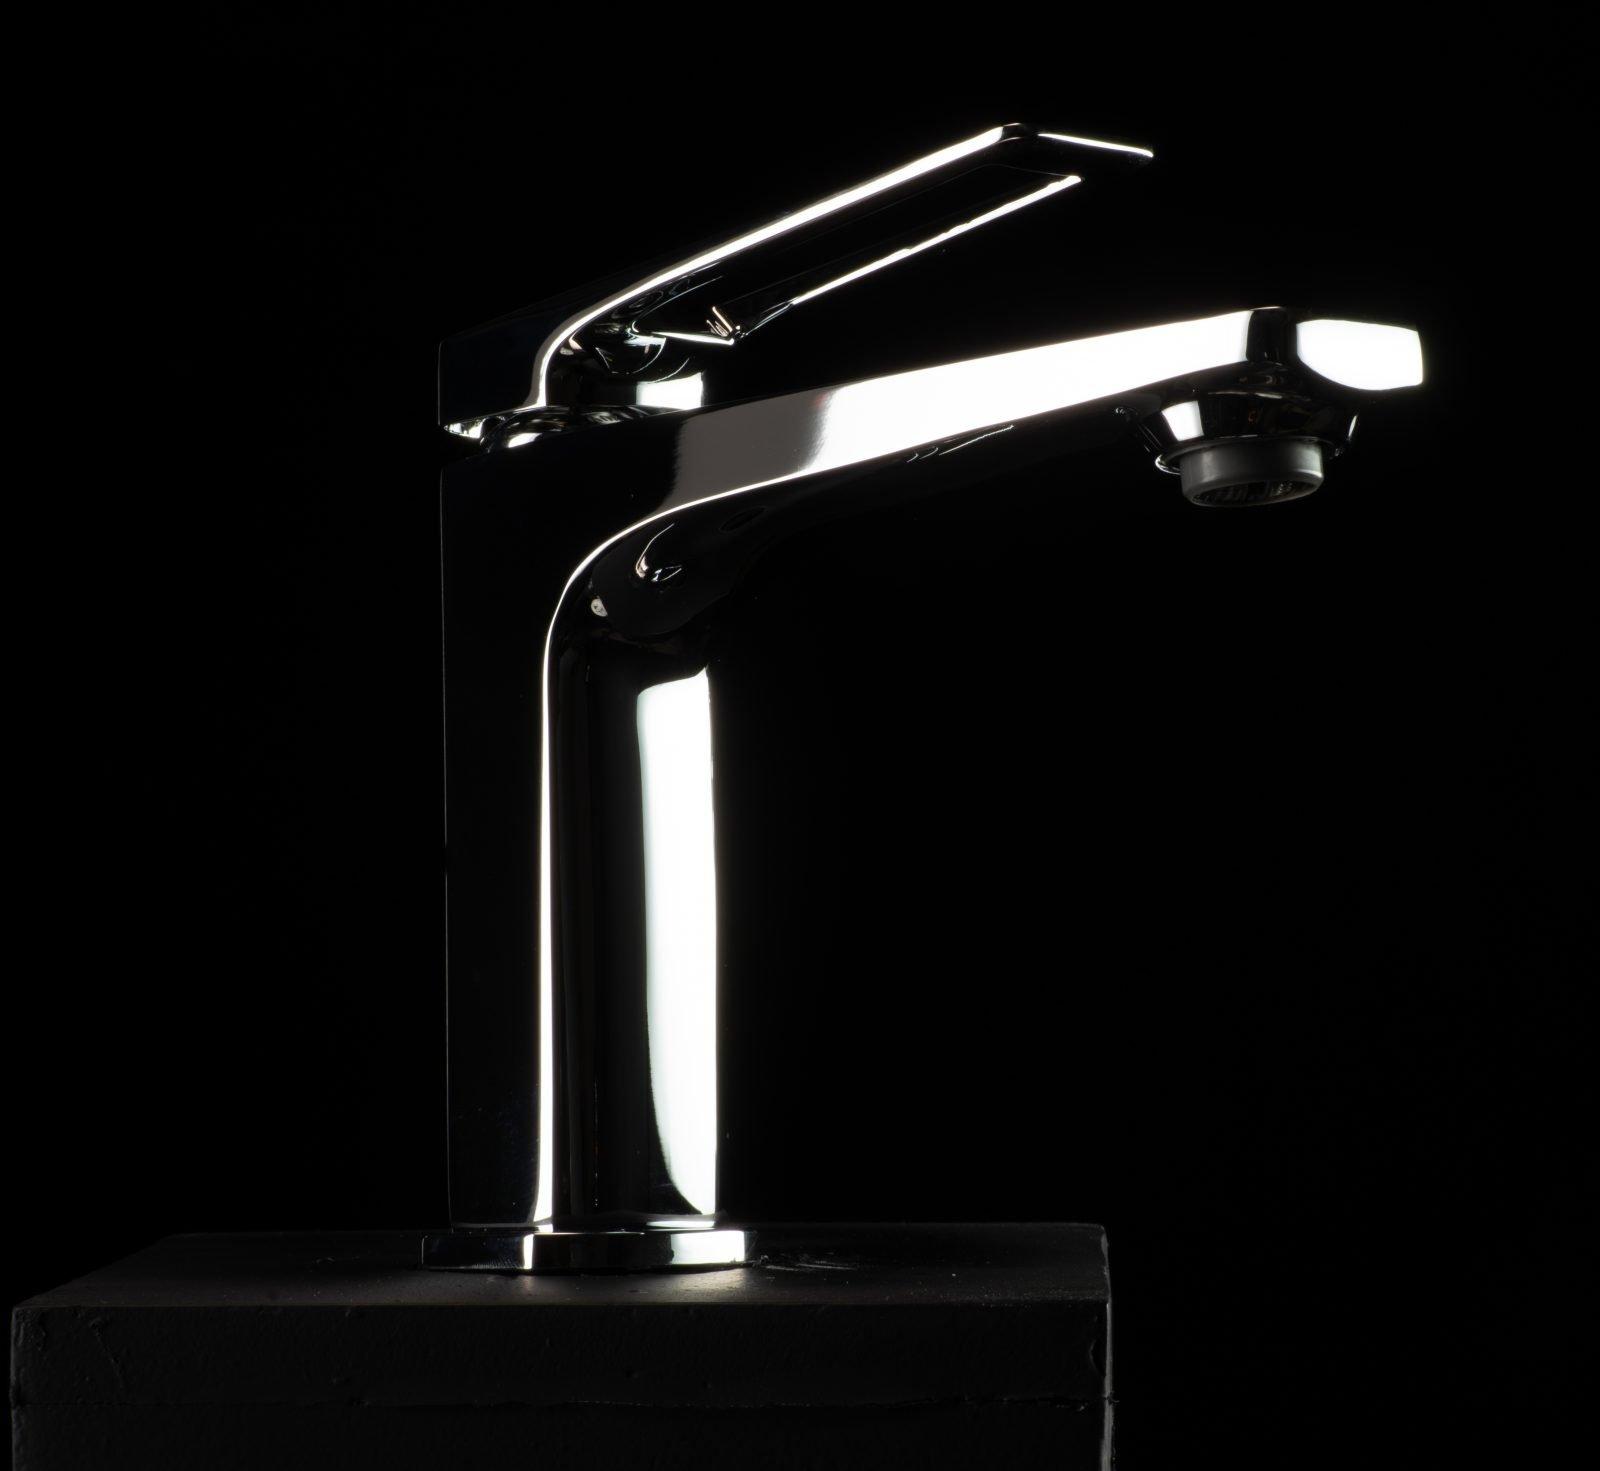 BP26 - Mgarr wash hand basin tap